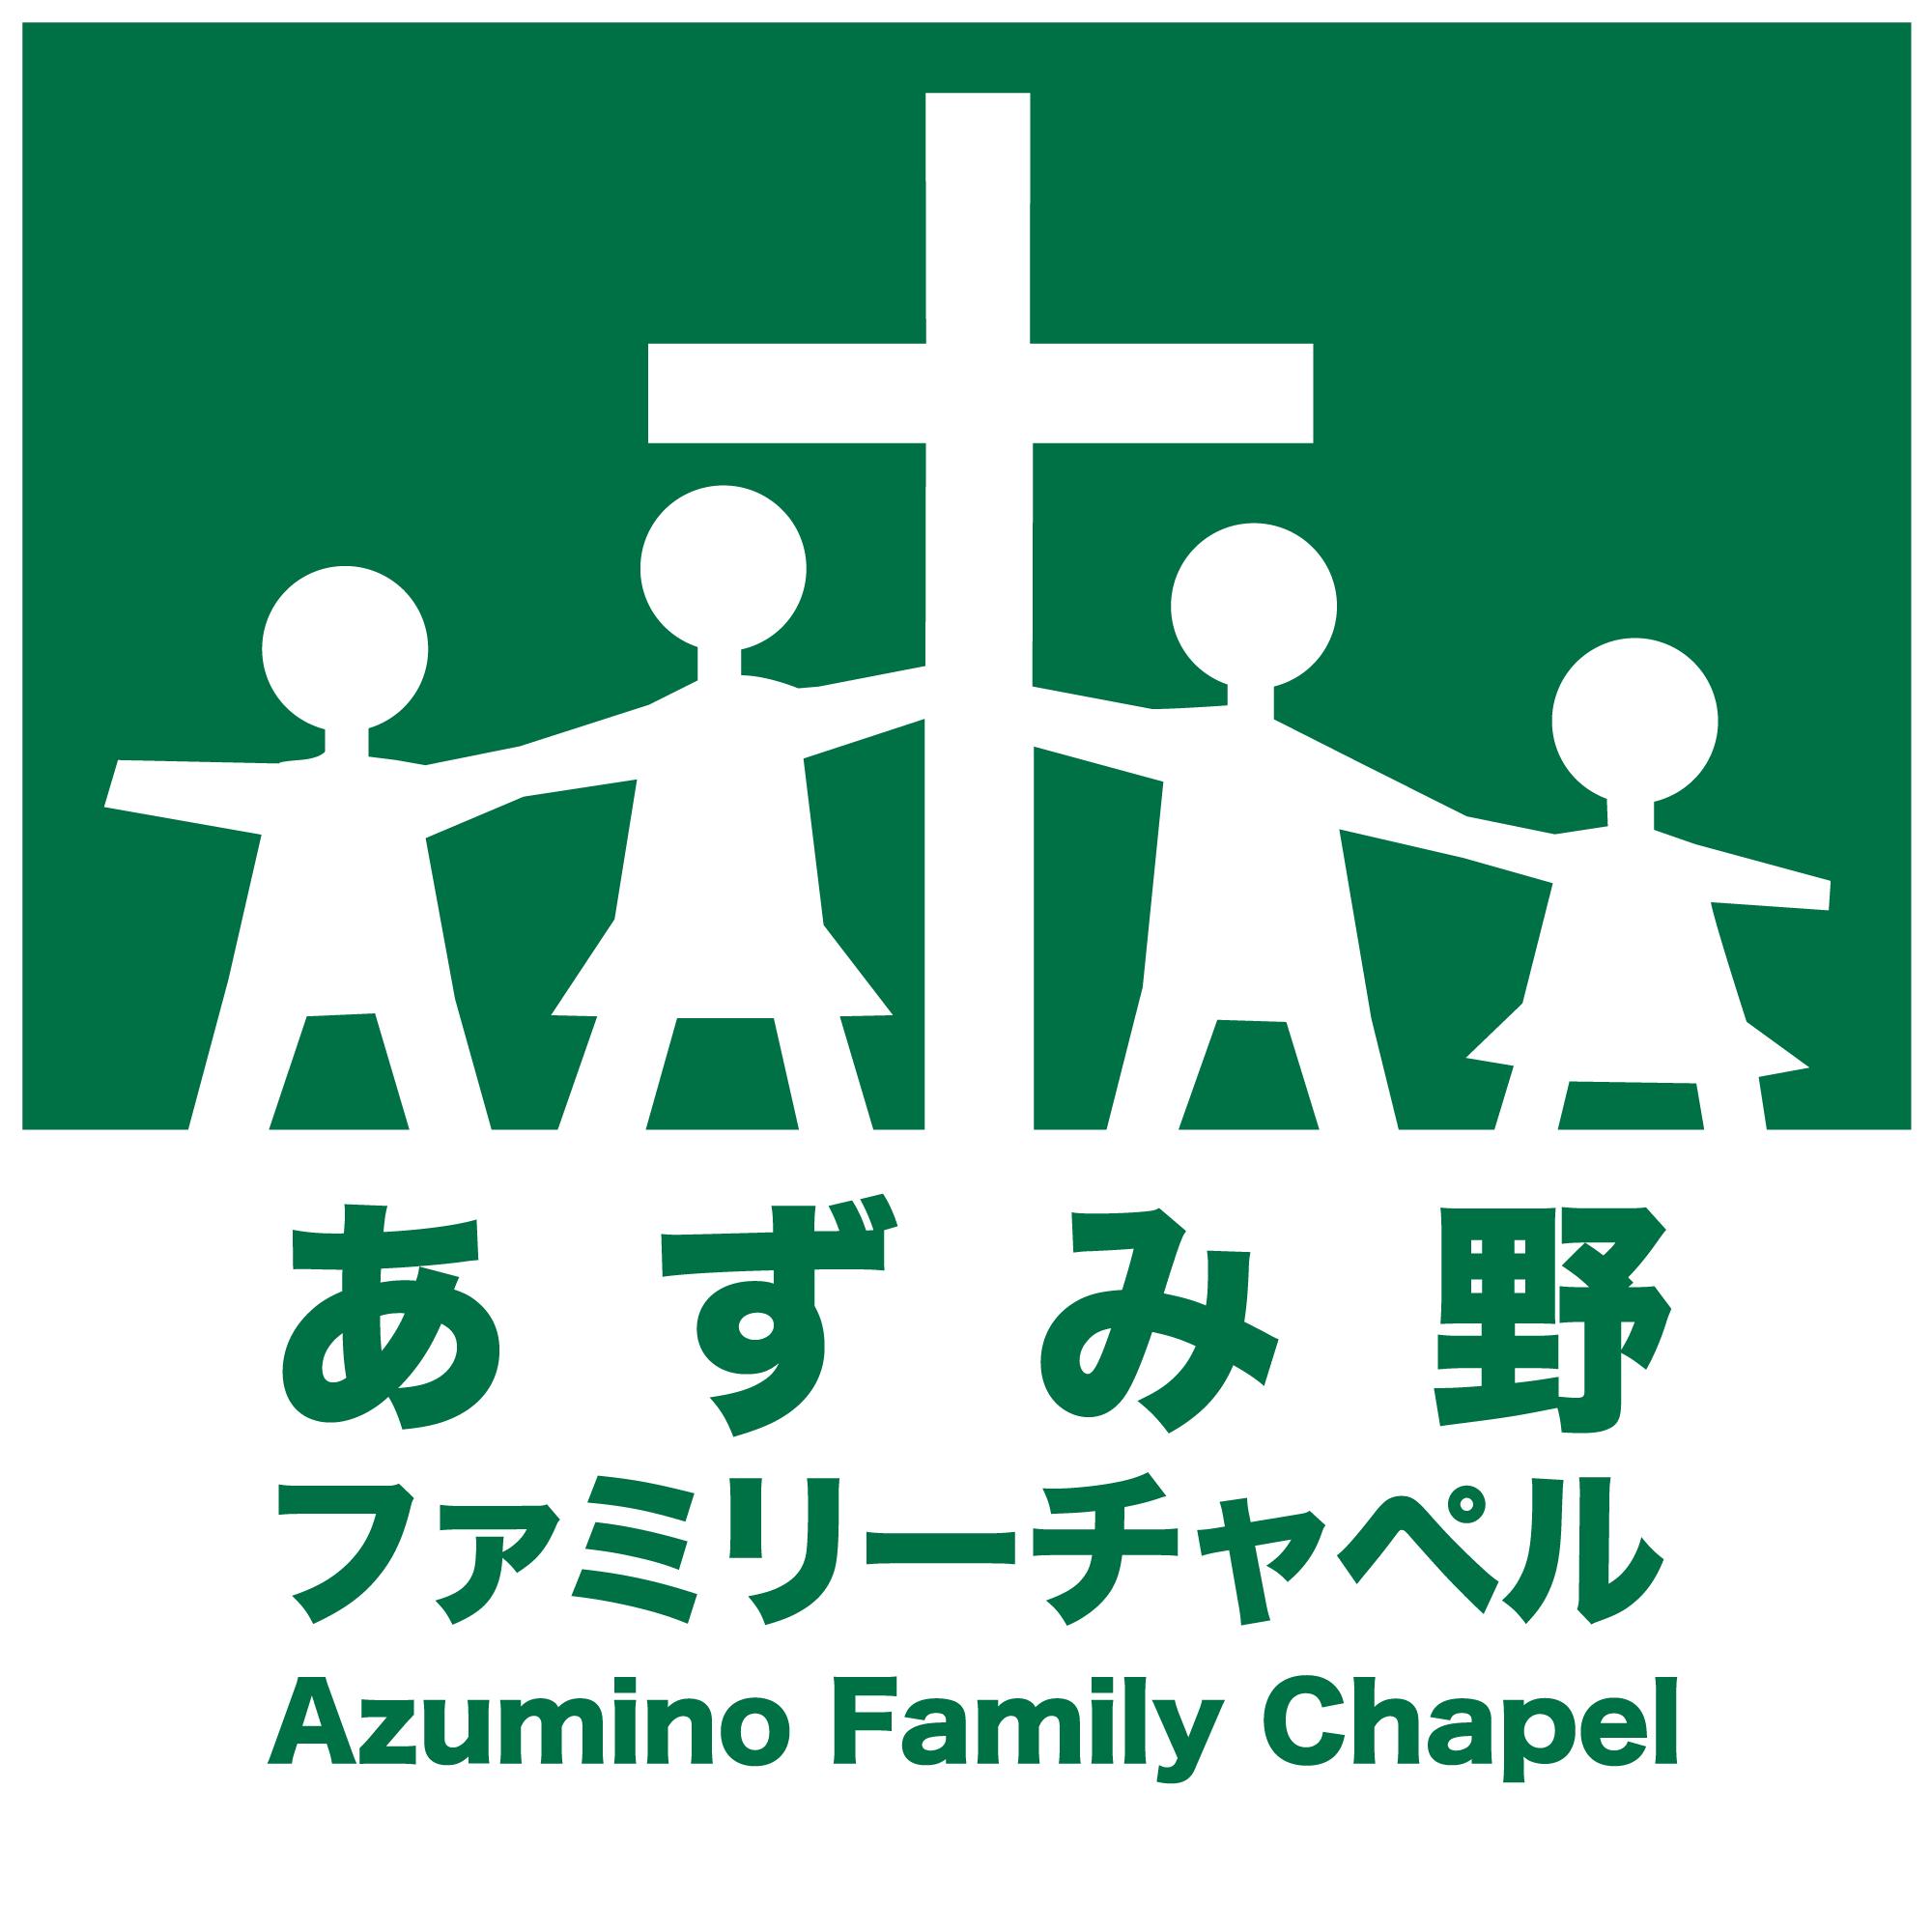 あずみ野ファミリーチャペル // Azumino Family Chapel